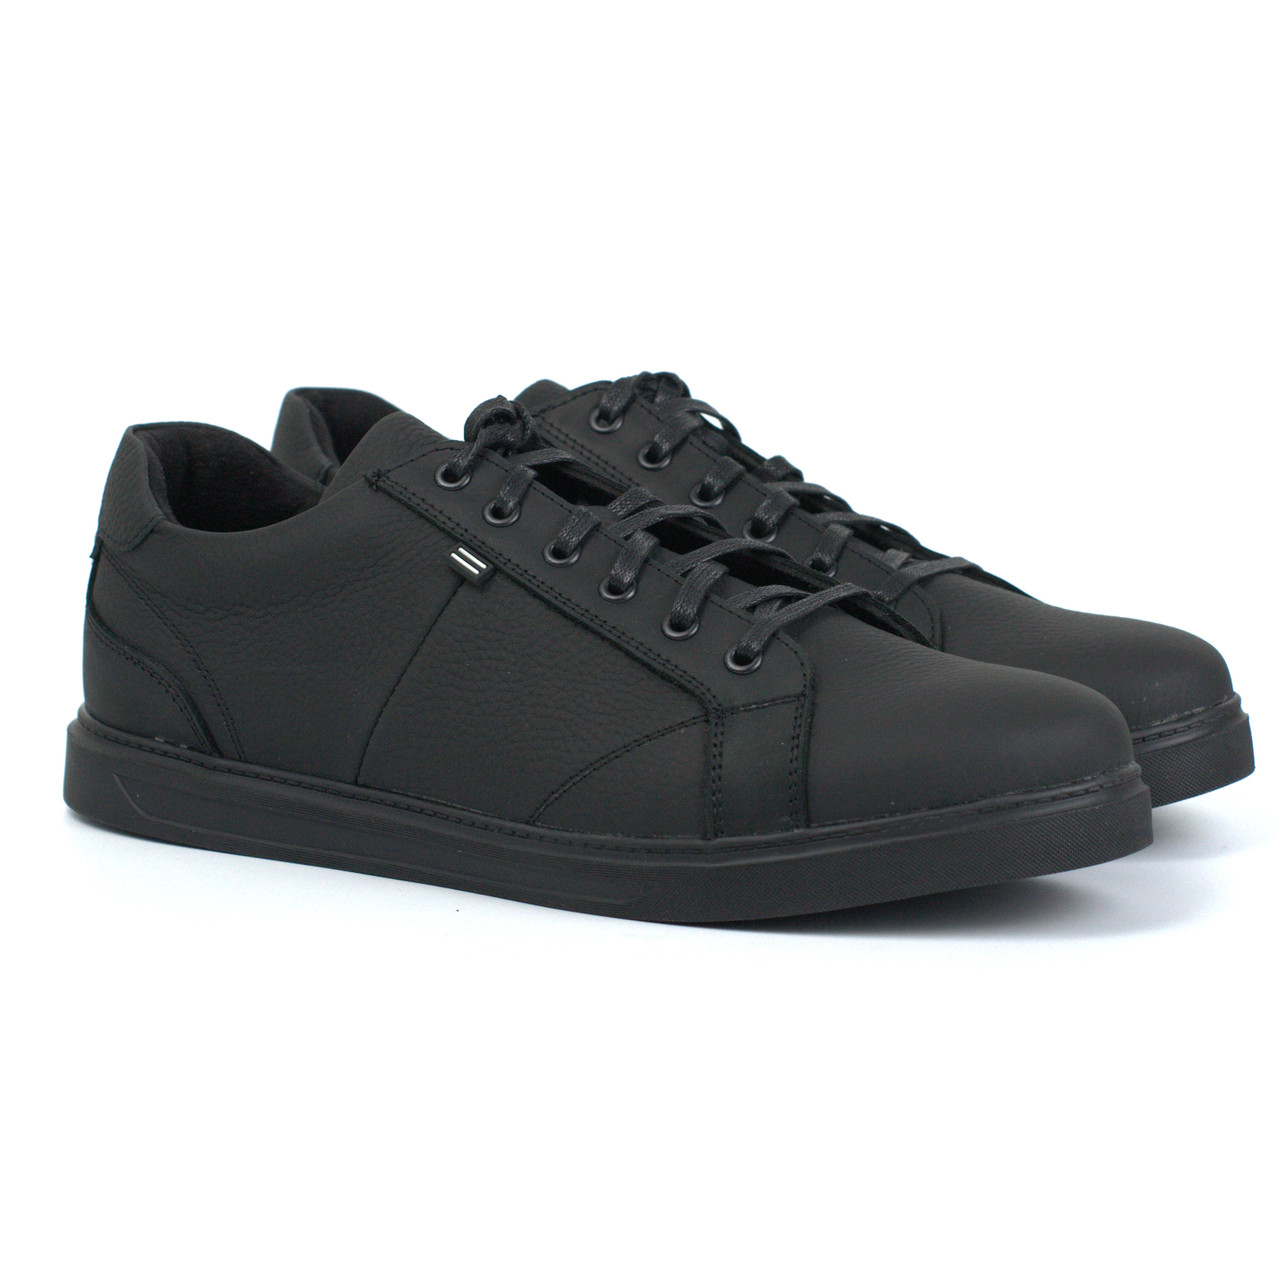 Мужские кроссовки кожаные матово-черные кеды обувь демисезонная Rosso Avangard Puran Mate Monza Black